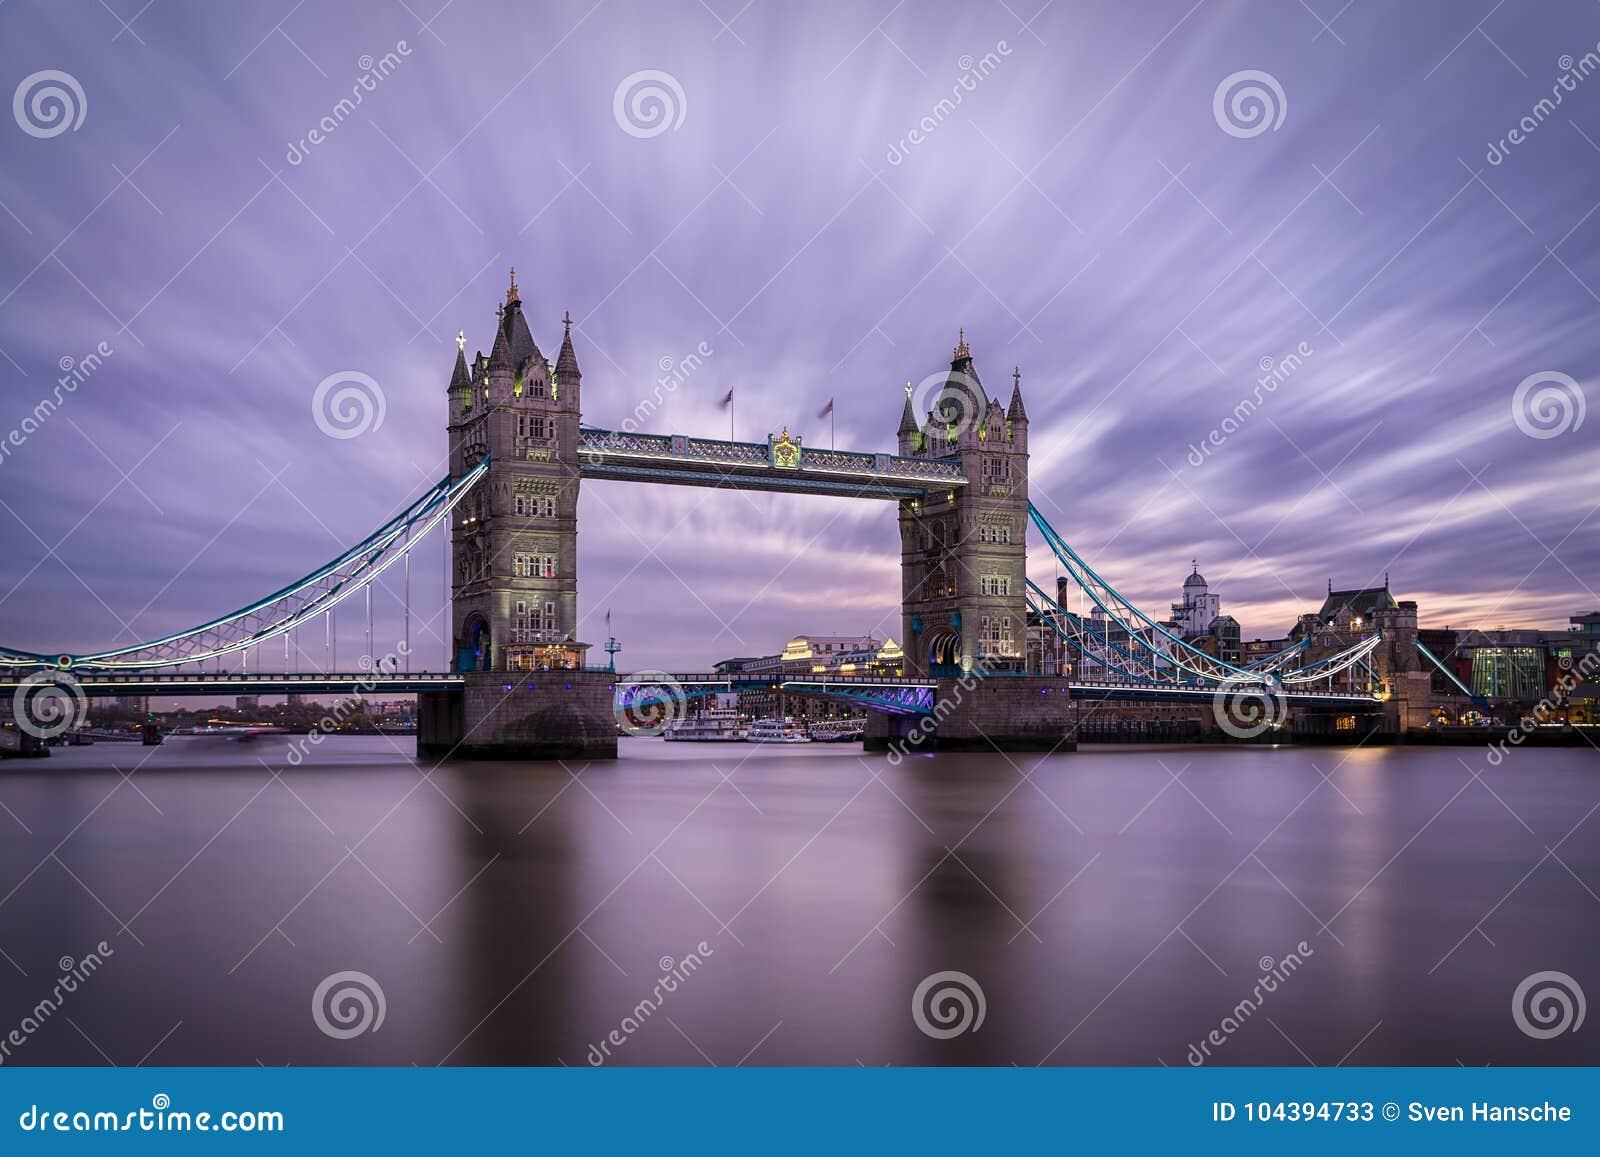 Εικονική γέφυρα πύργων στο Λονδίνο, Ηνωμένο Βασίλειο